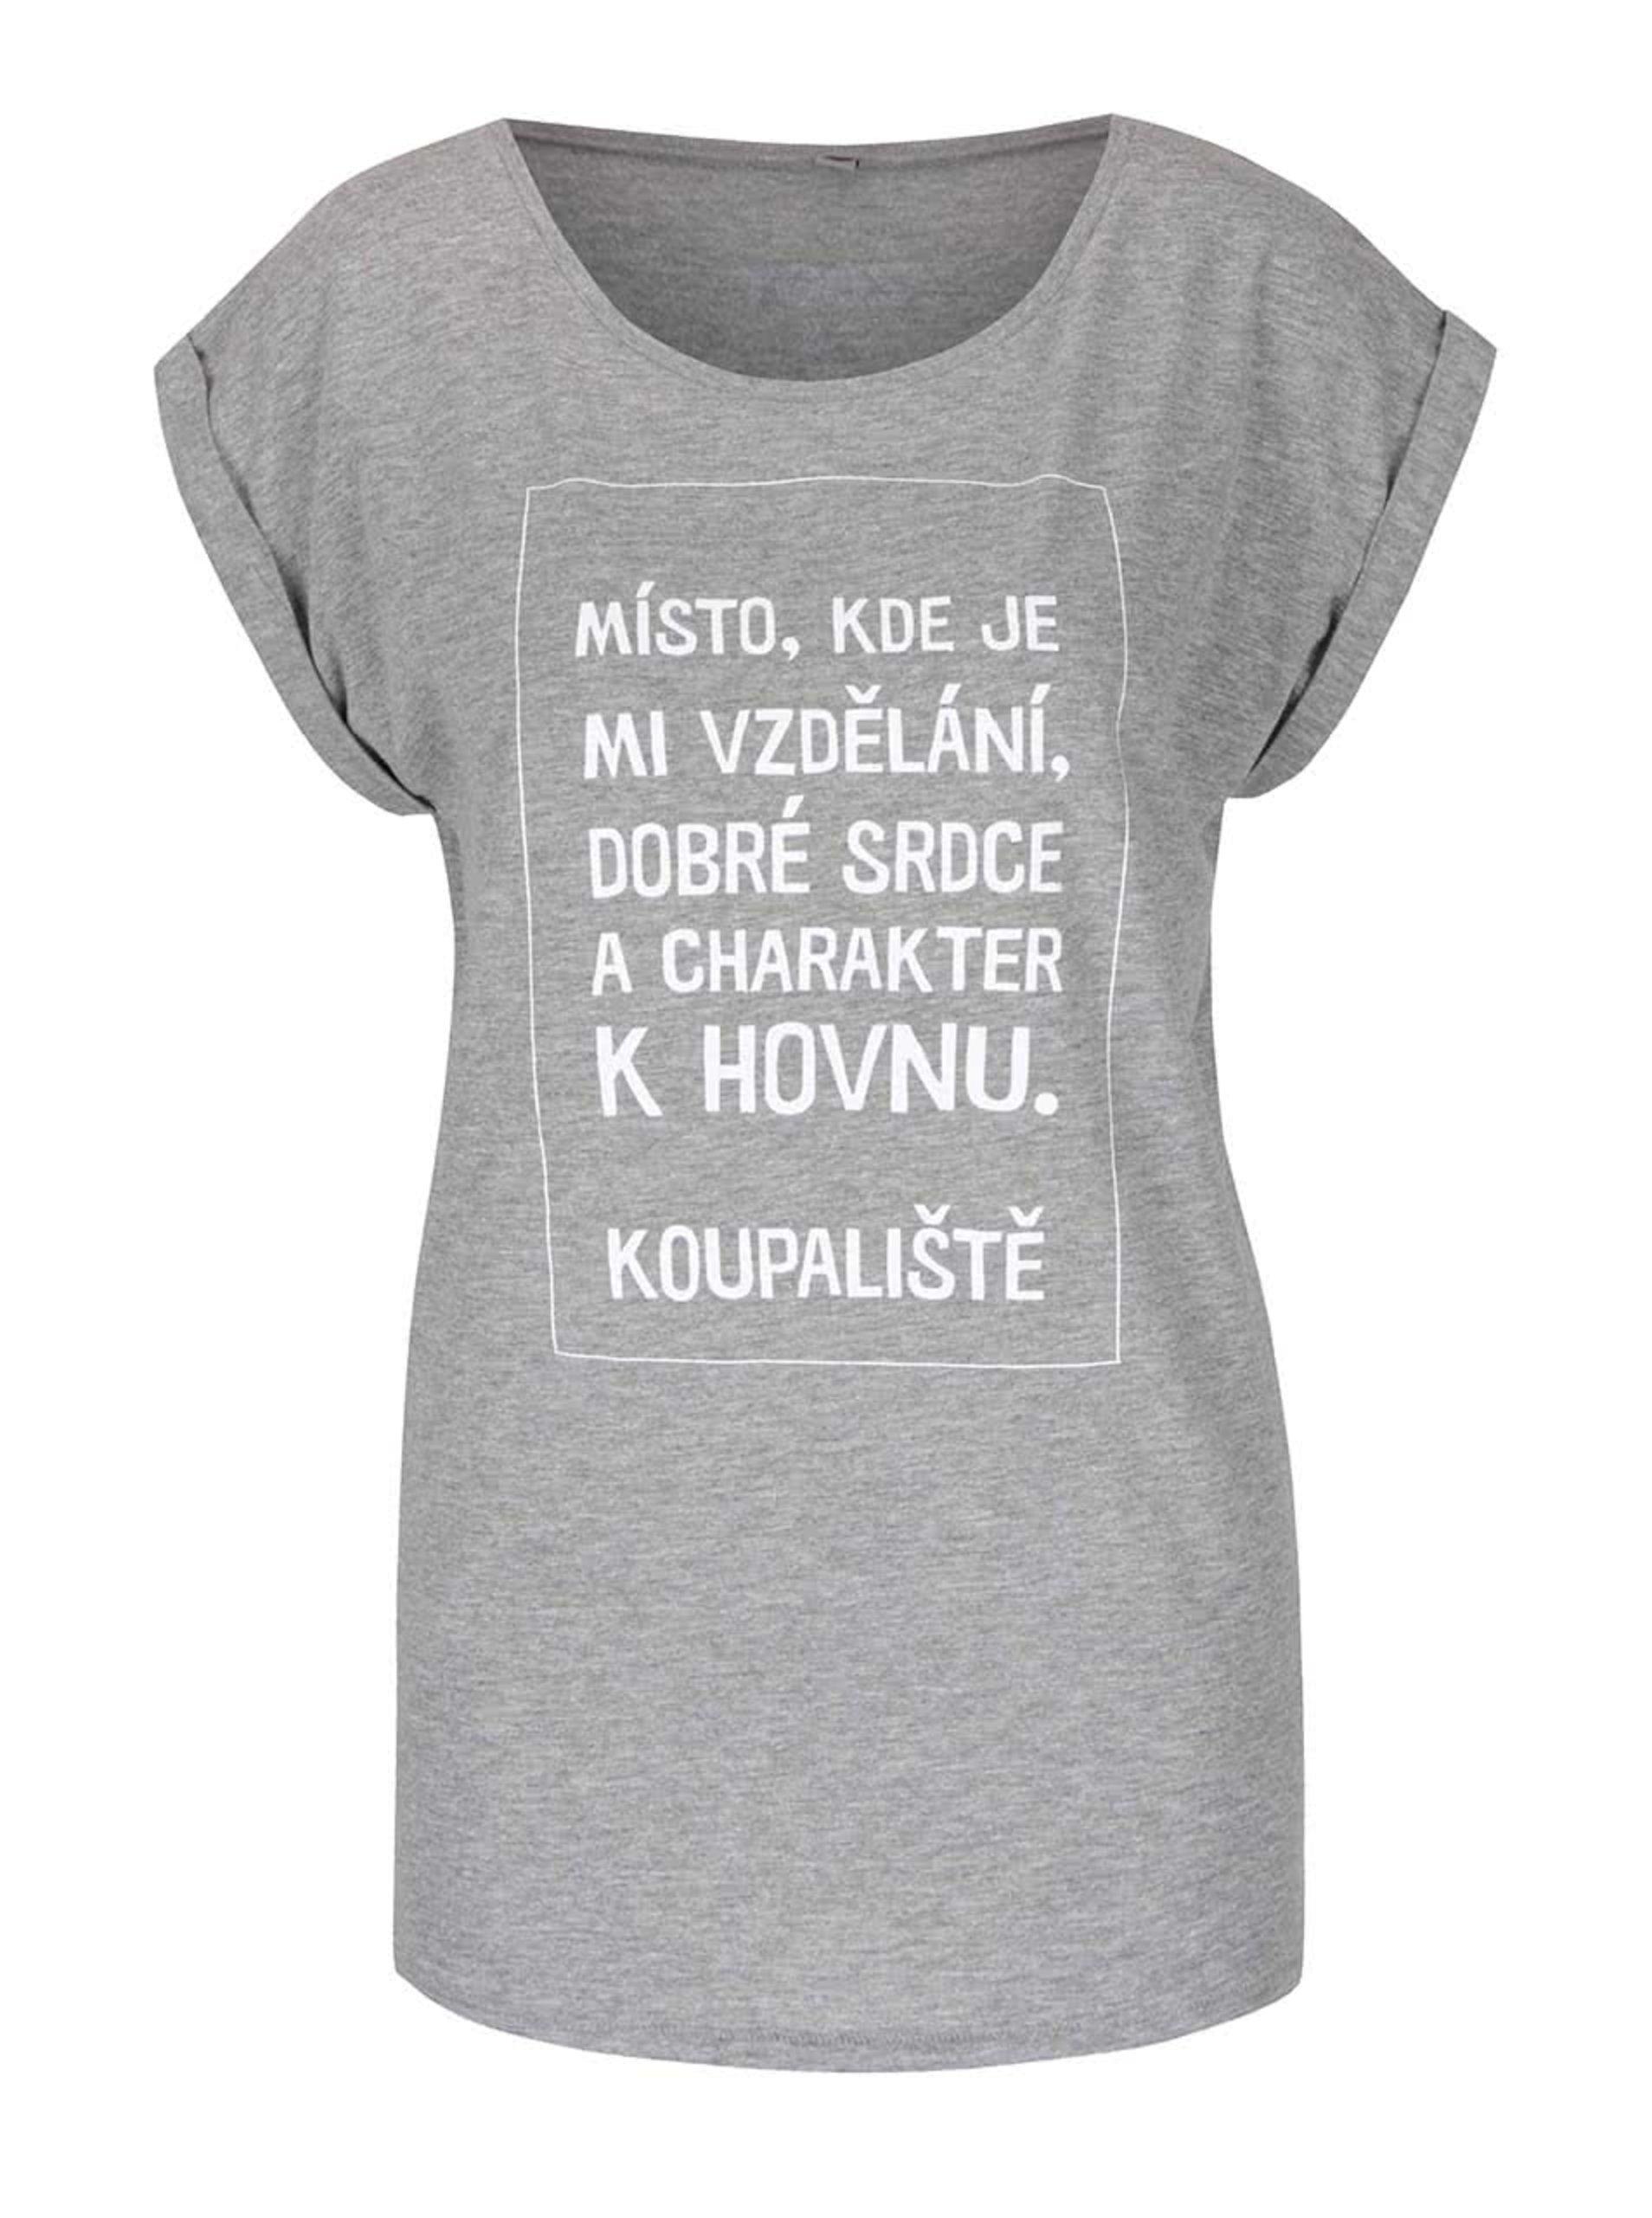 45e7d244158b Šedé dámské tričko s krátkým rukávem Bez Jablka Koupaliště